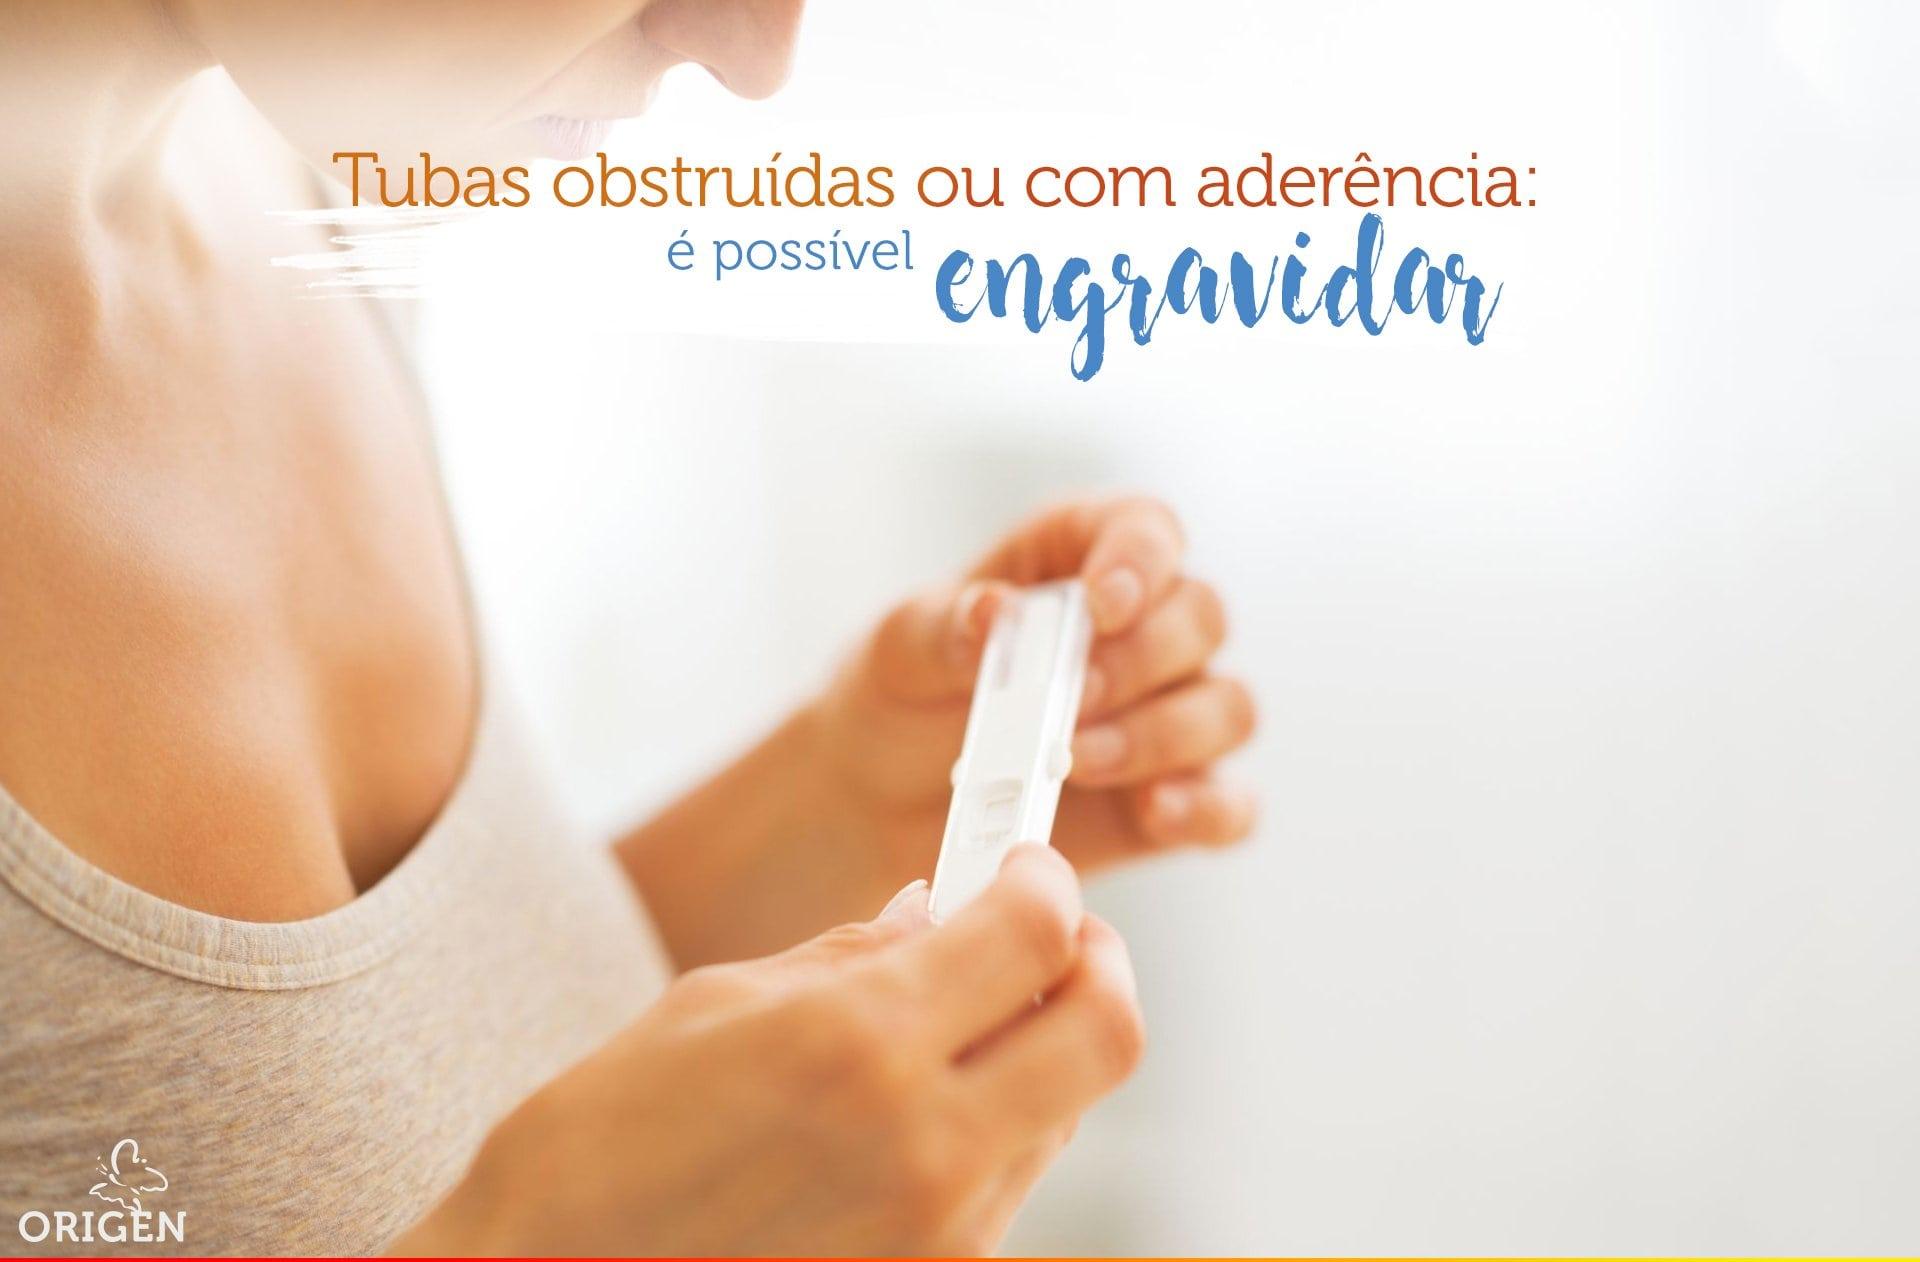 Tubas obstruídas ou com aderência: é possível engravidar?